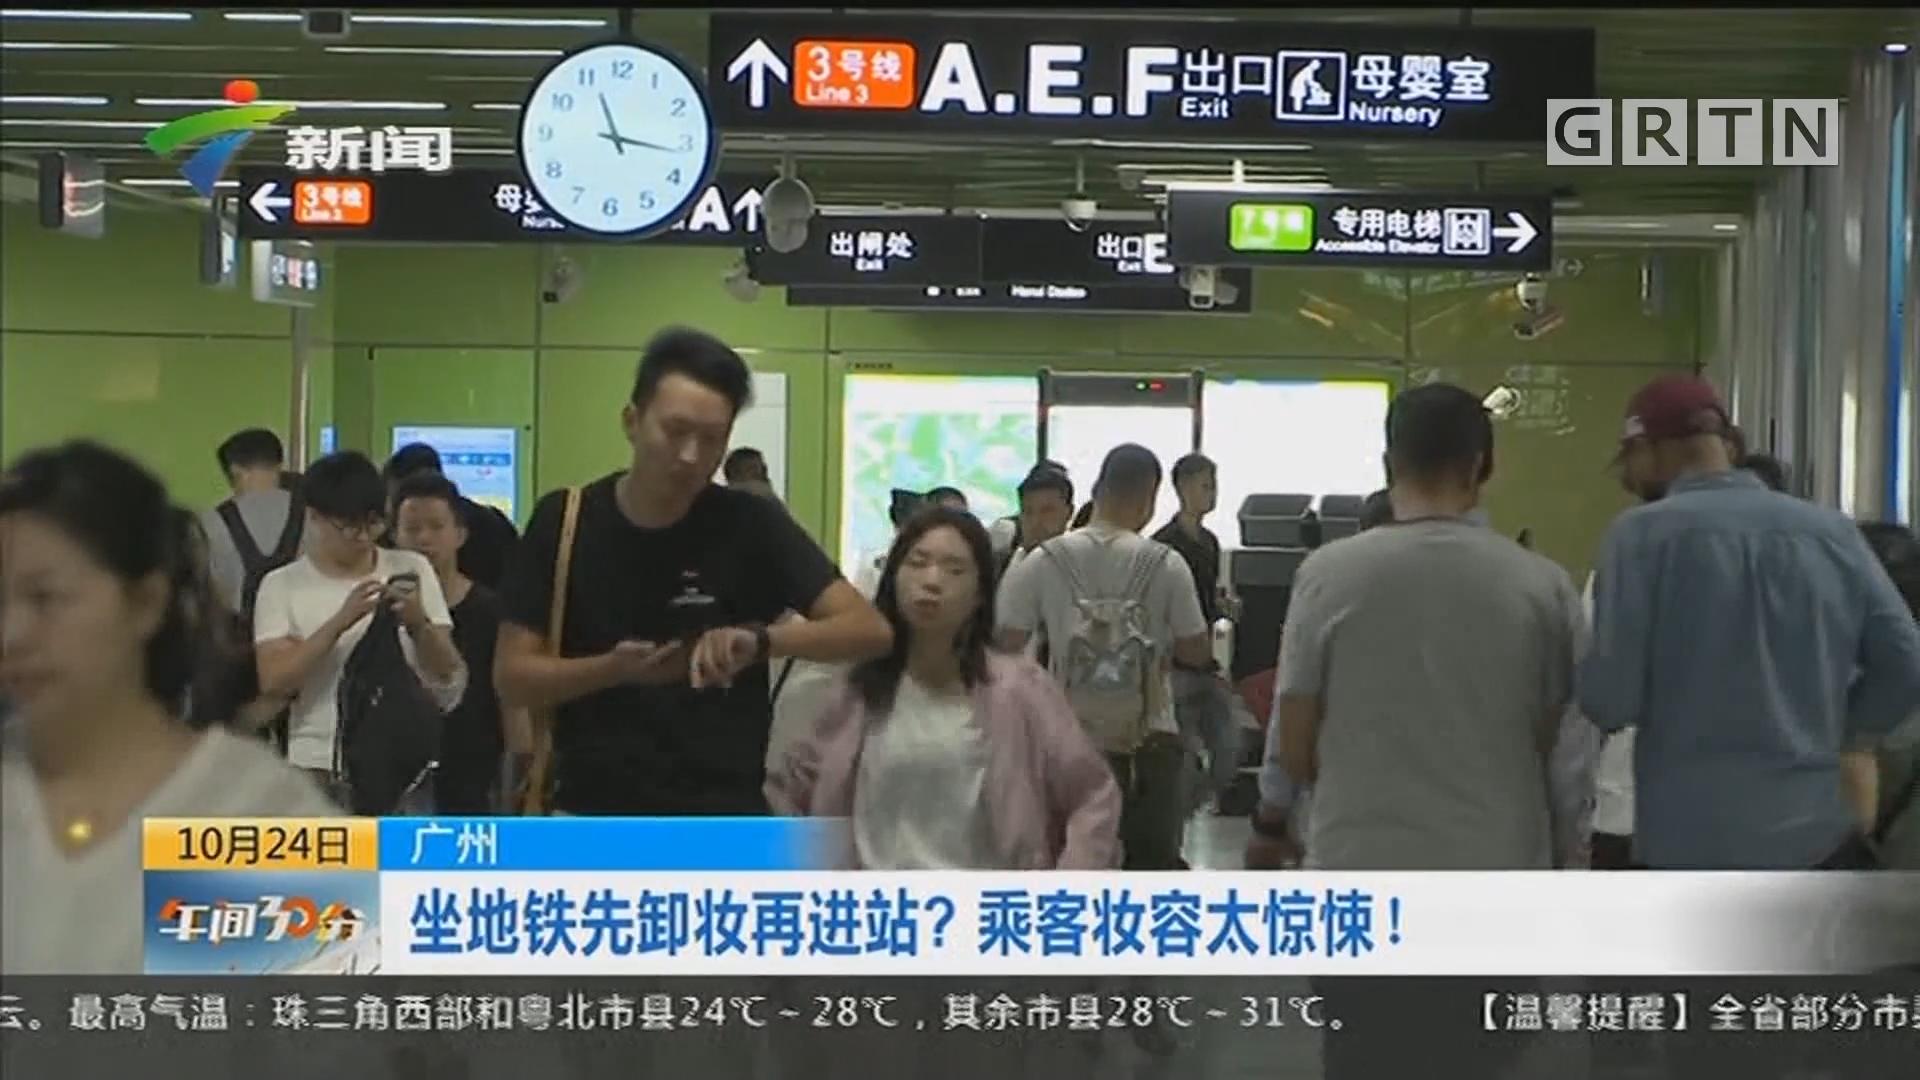 广州:坐地铁先卸妆再进站?乘客妆容太惊悚!